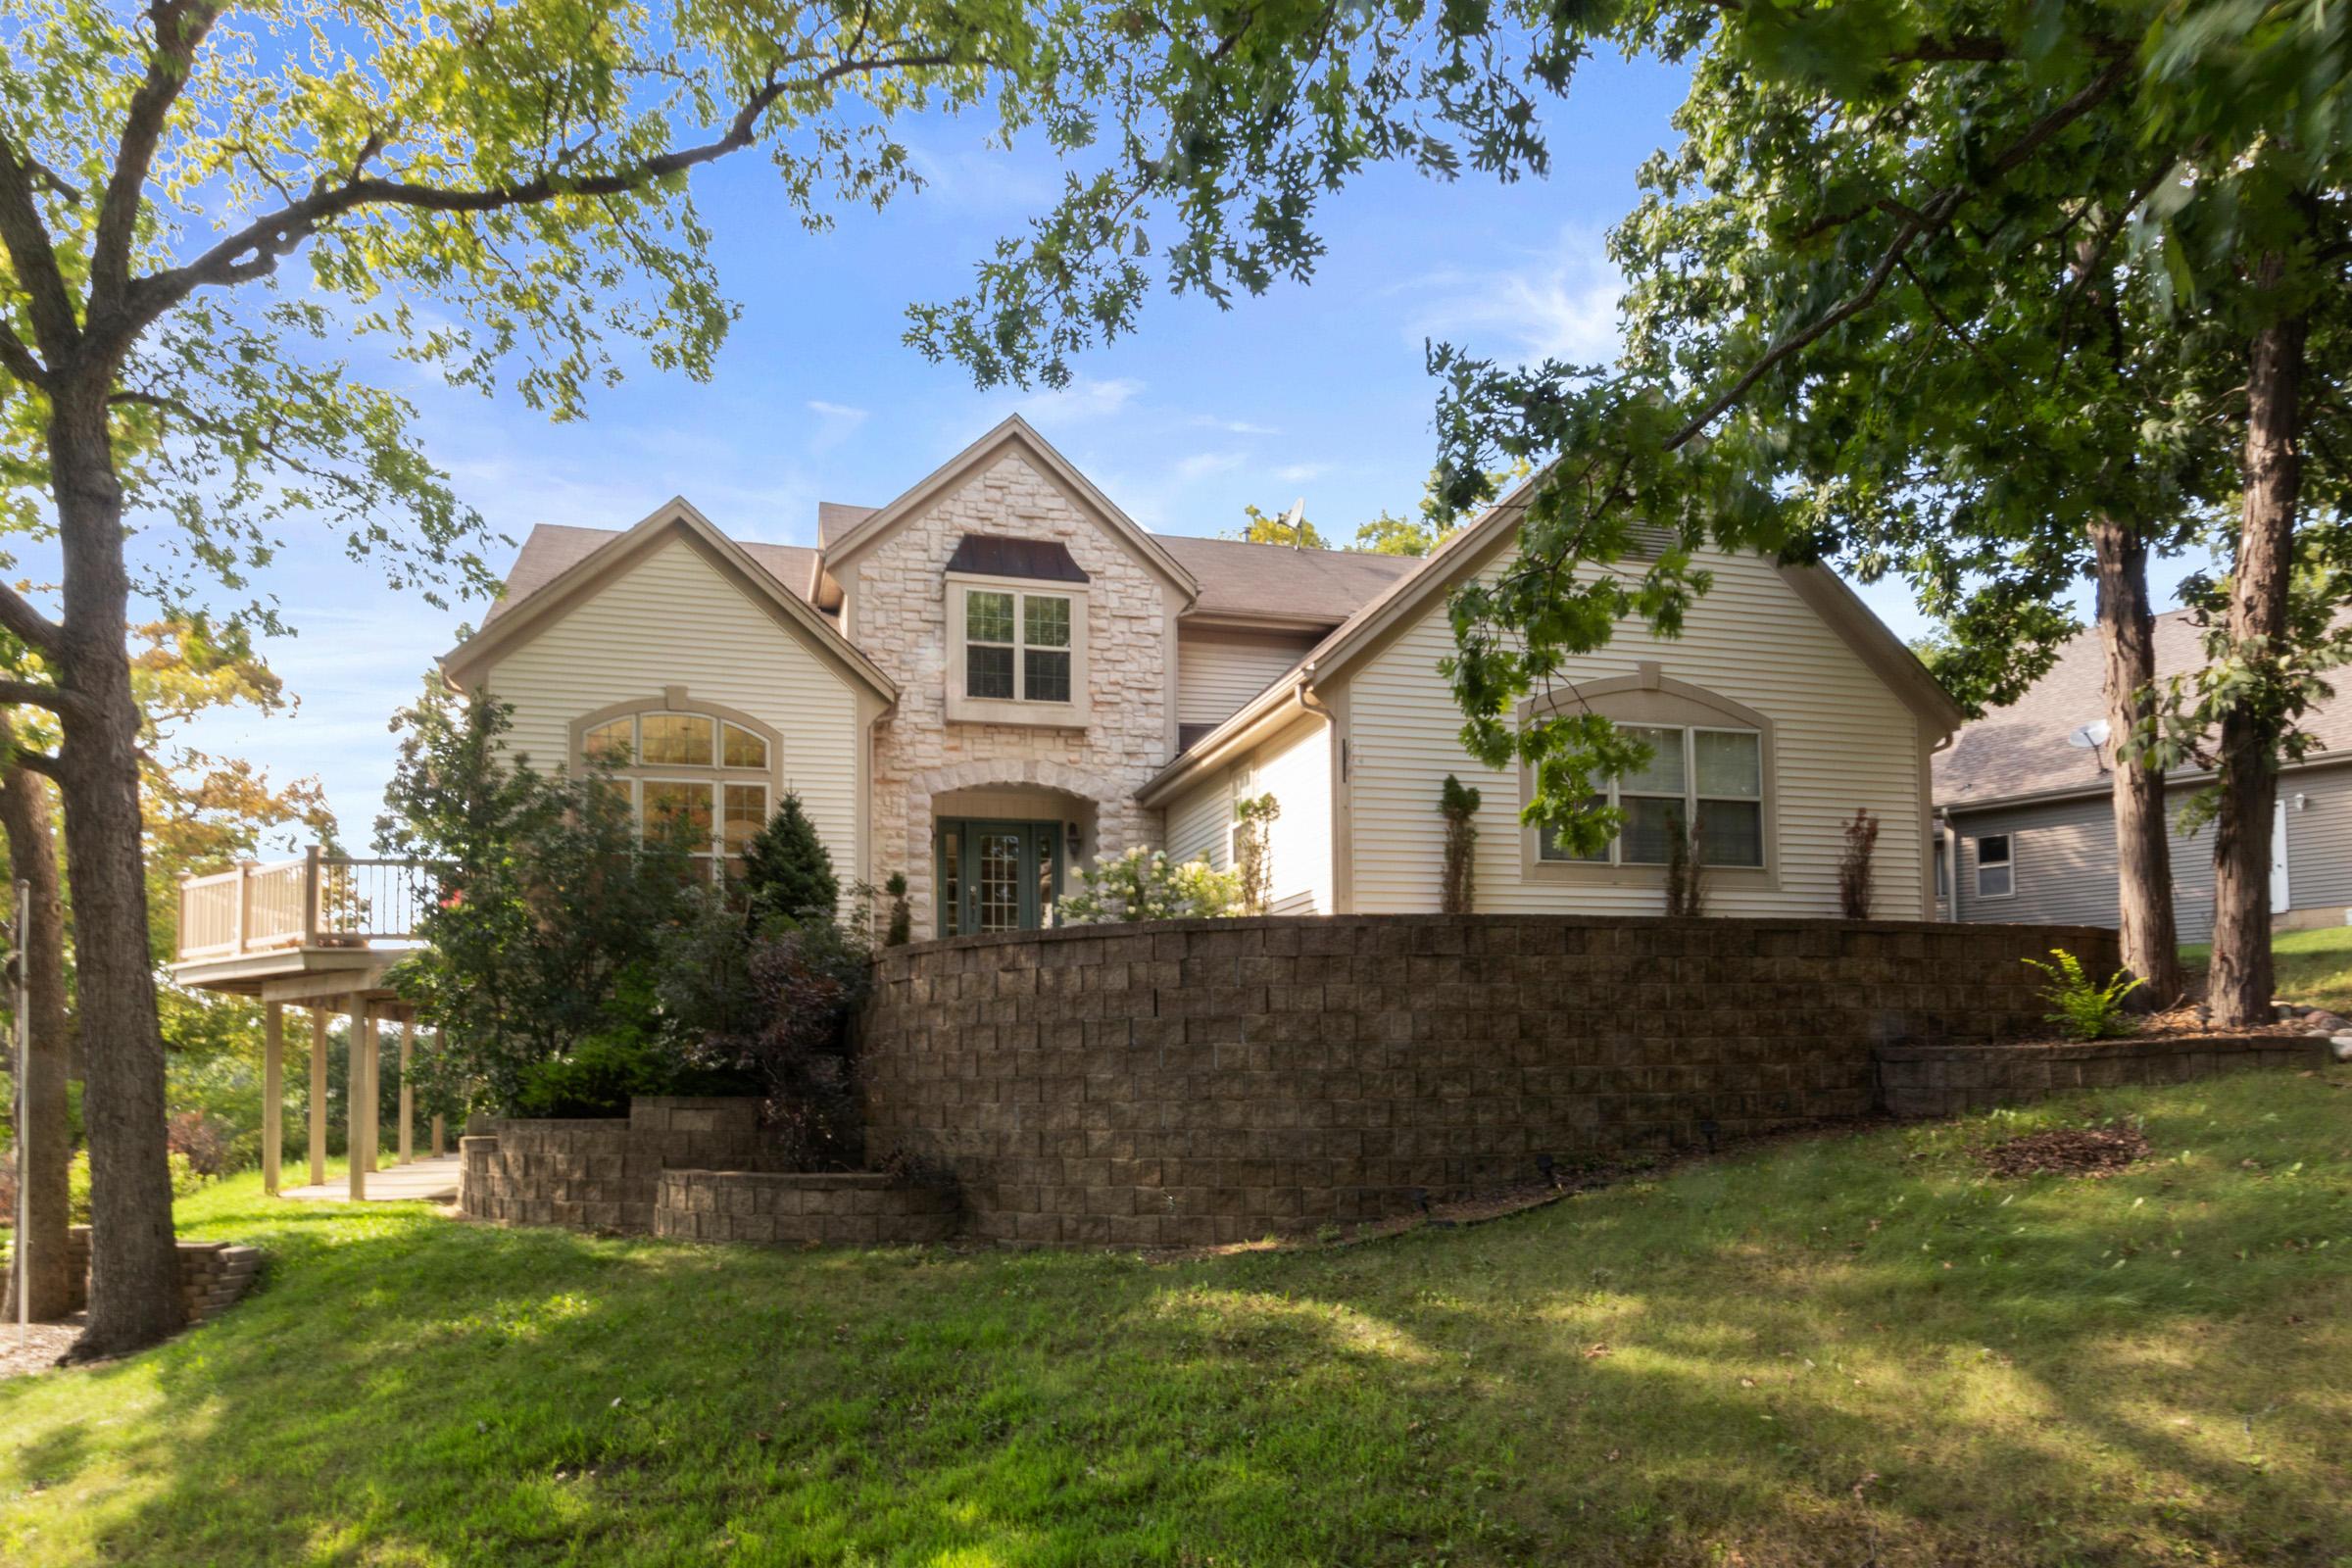 W5619 West Shore Dr, La Grange, Wisconsin 53121, 5 Bedrooms Bedrooms, 12 Rooms Rooms,4 BathroomsBathrooms,Single-Family,For Sale,West Shore Dr,1667767